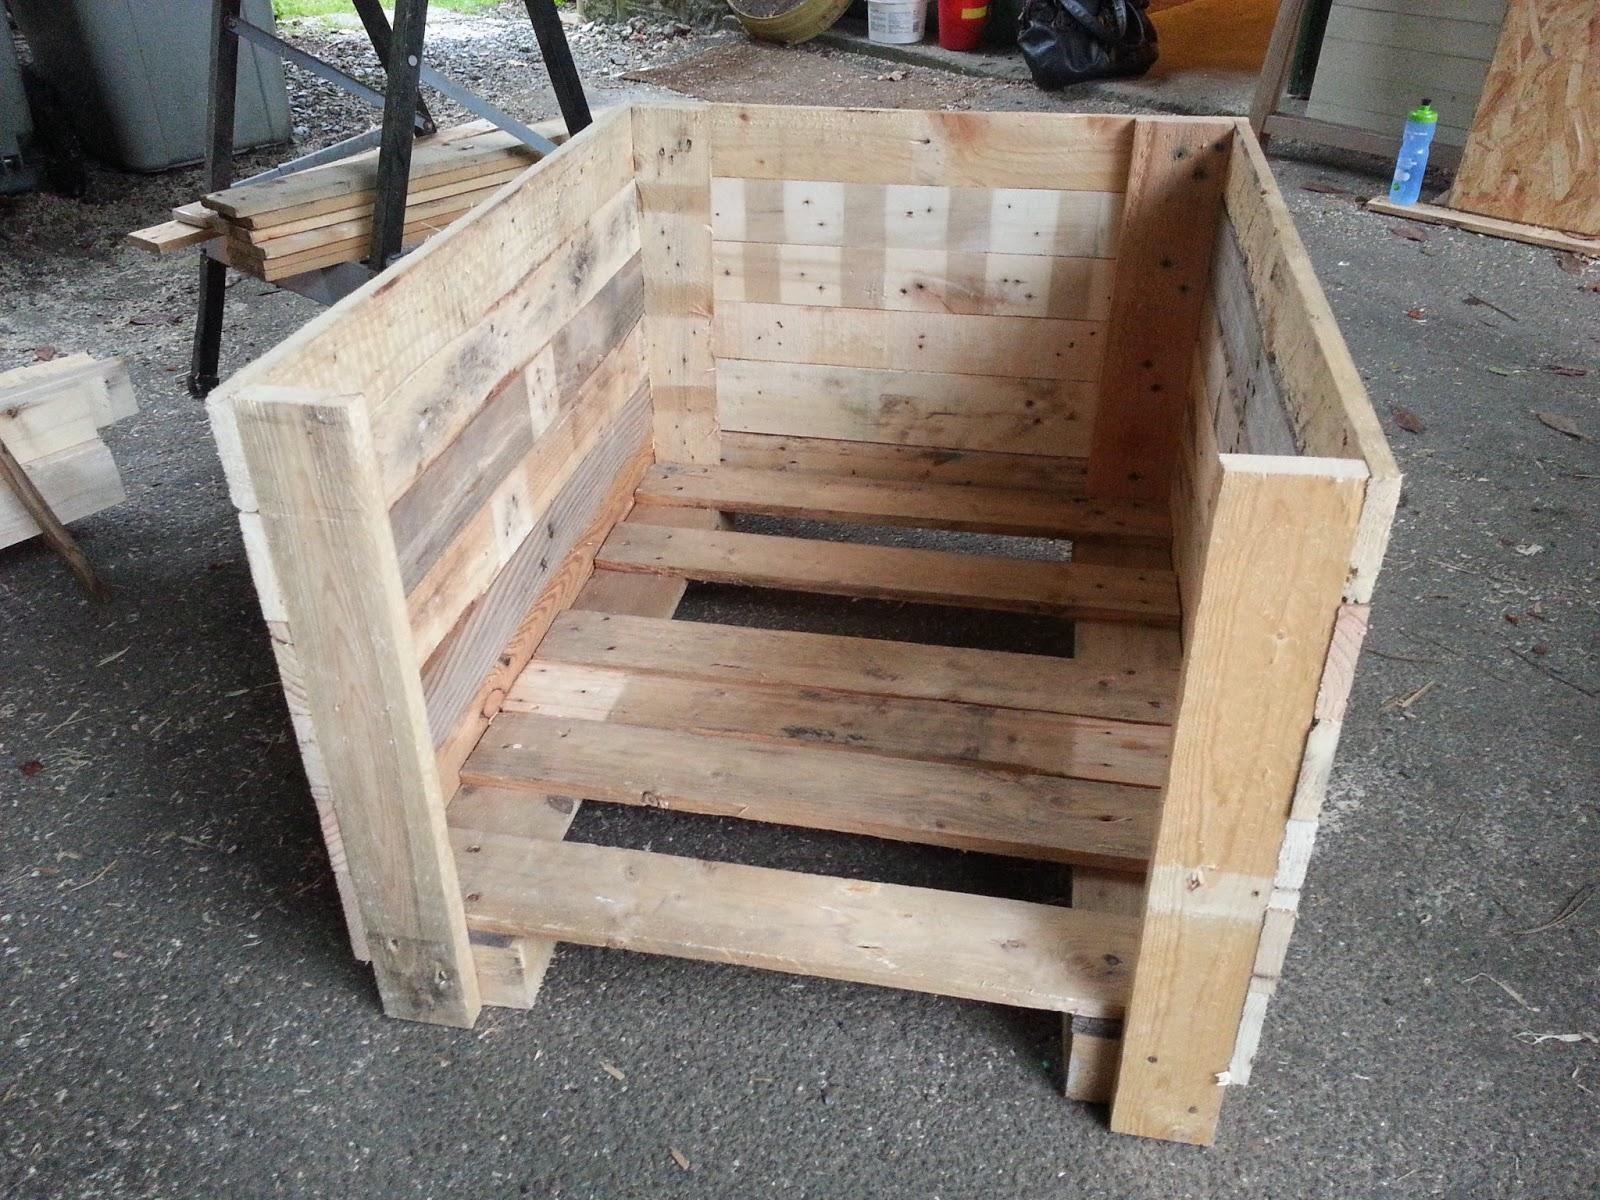 Plan niche chien palette - Fabriquer une niche ...